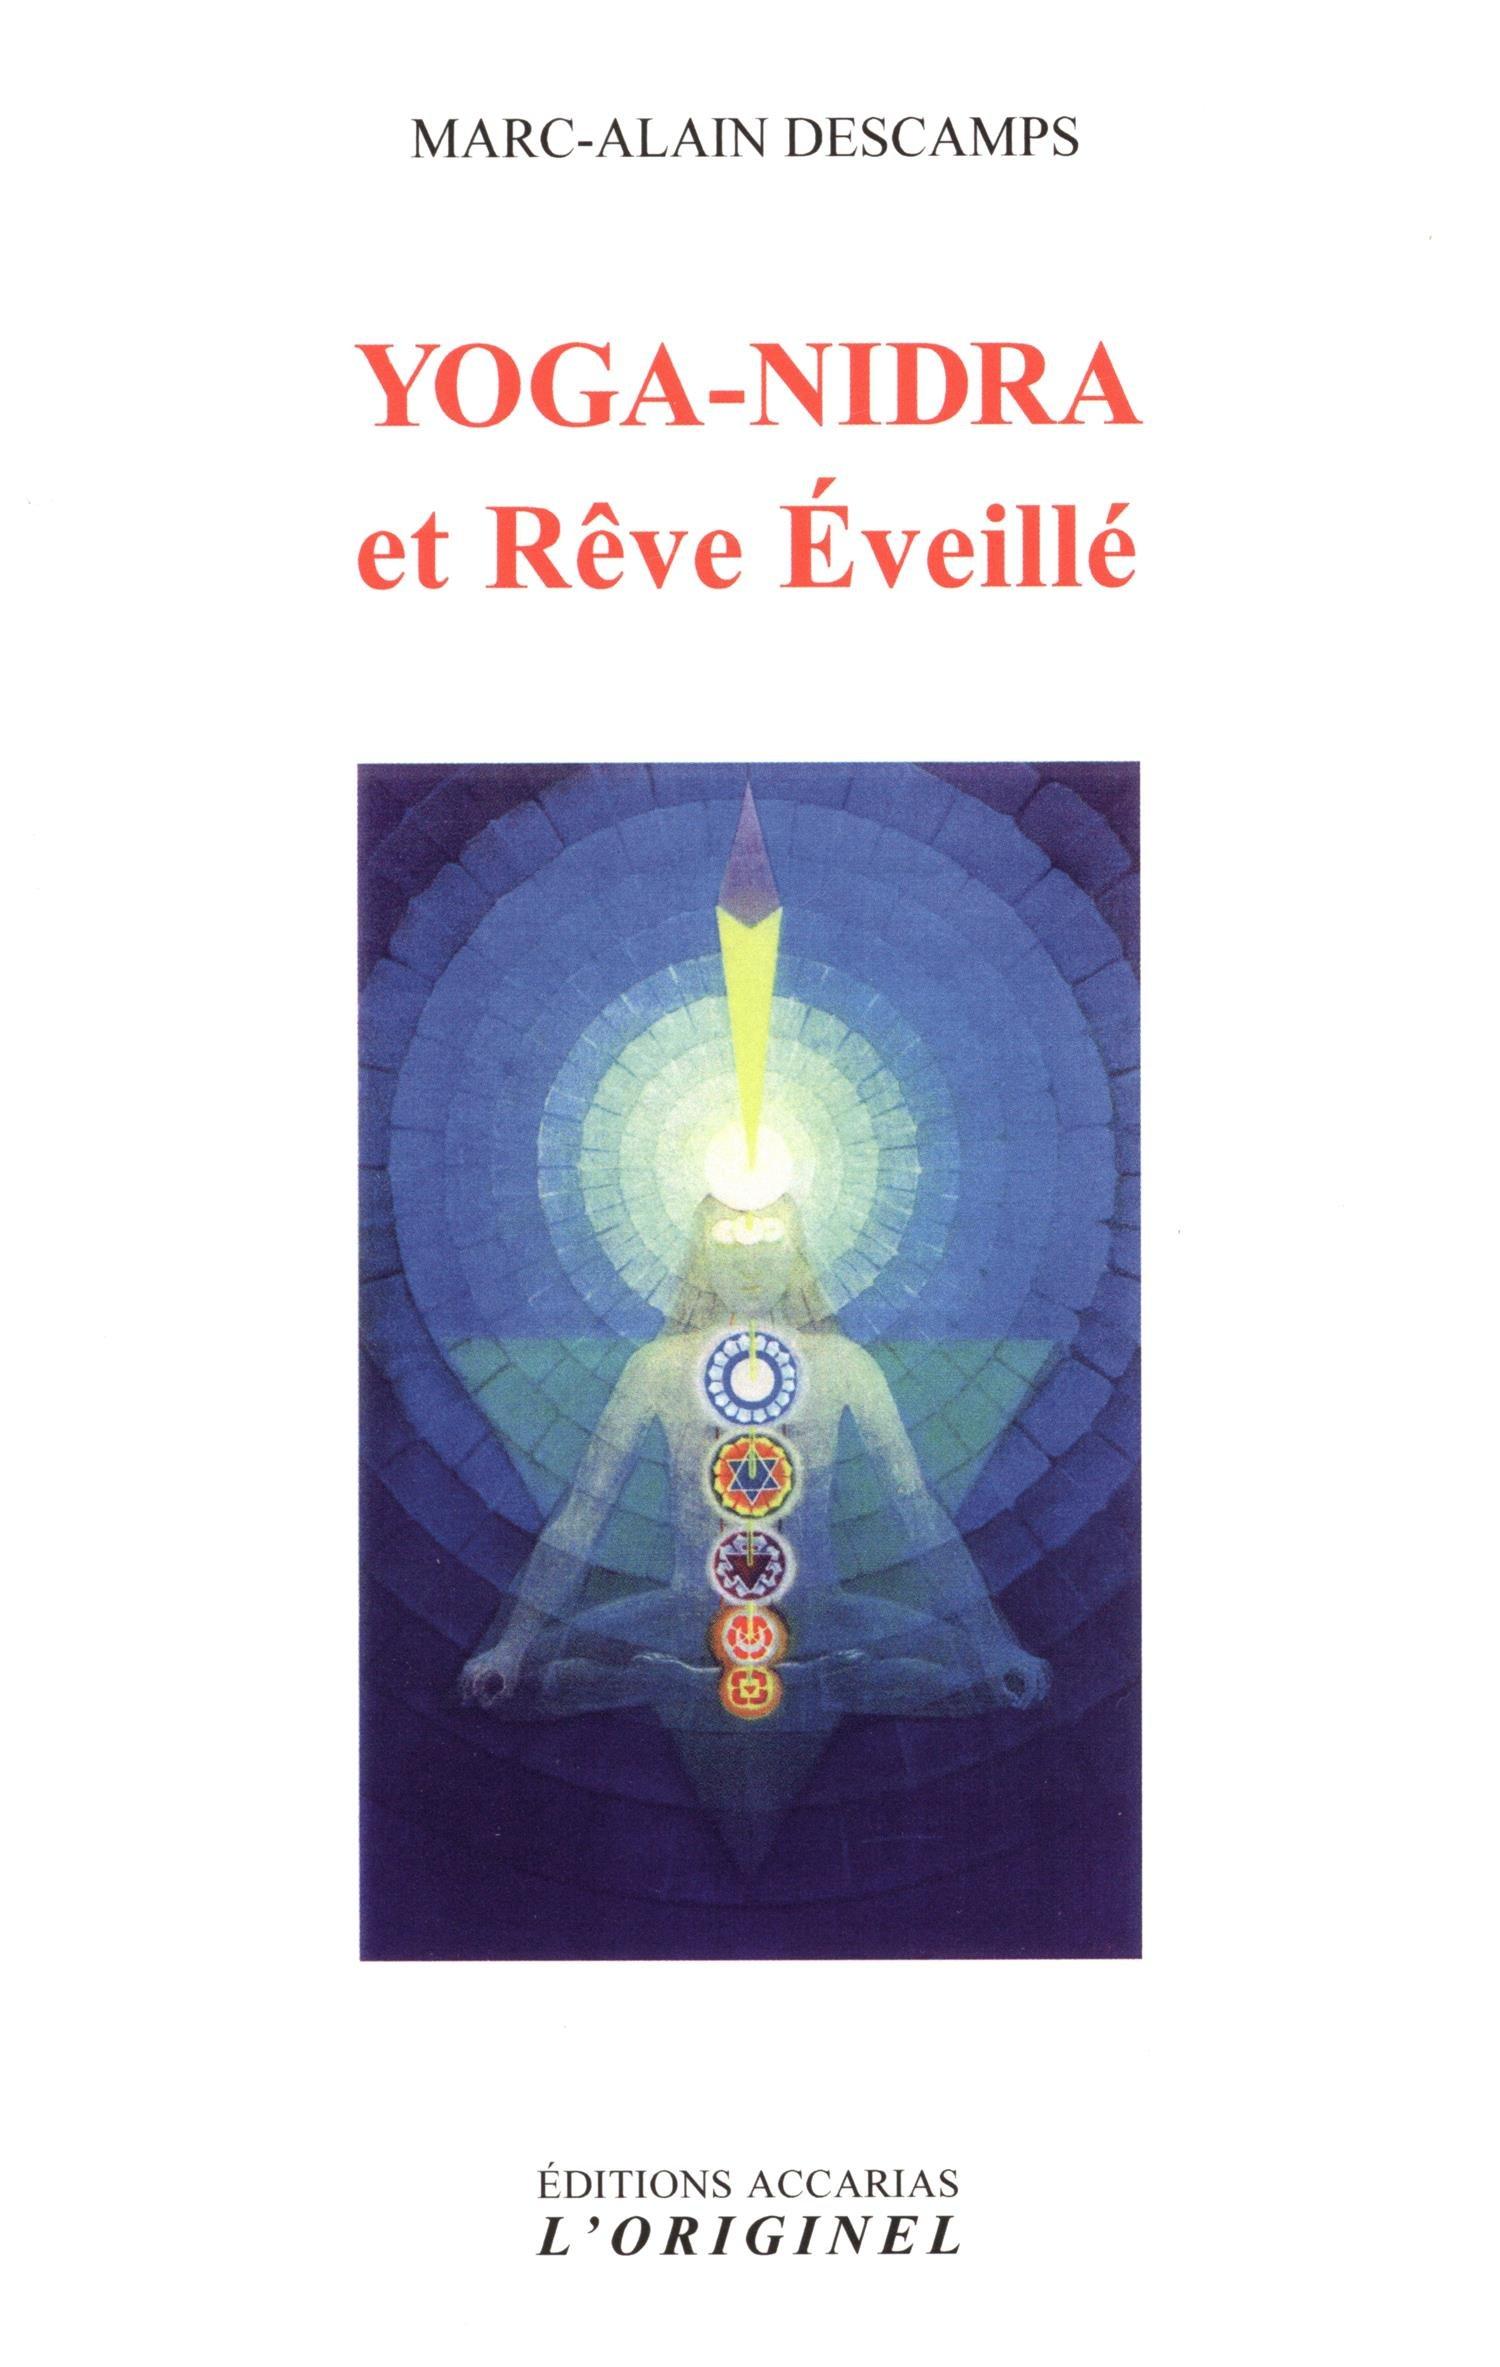 Yoga-nidra et Rêve éveillé: Amazon.es: Marc-Alain Descamps ...